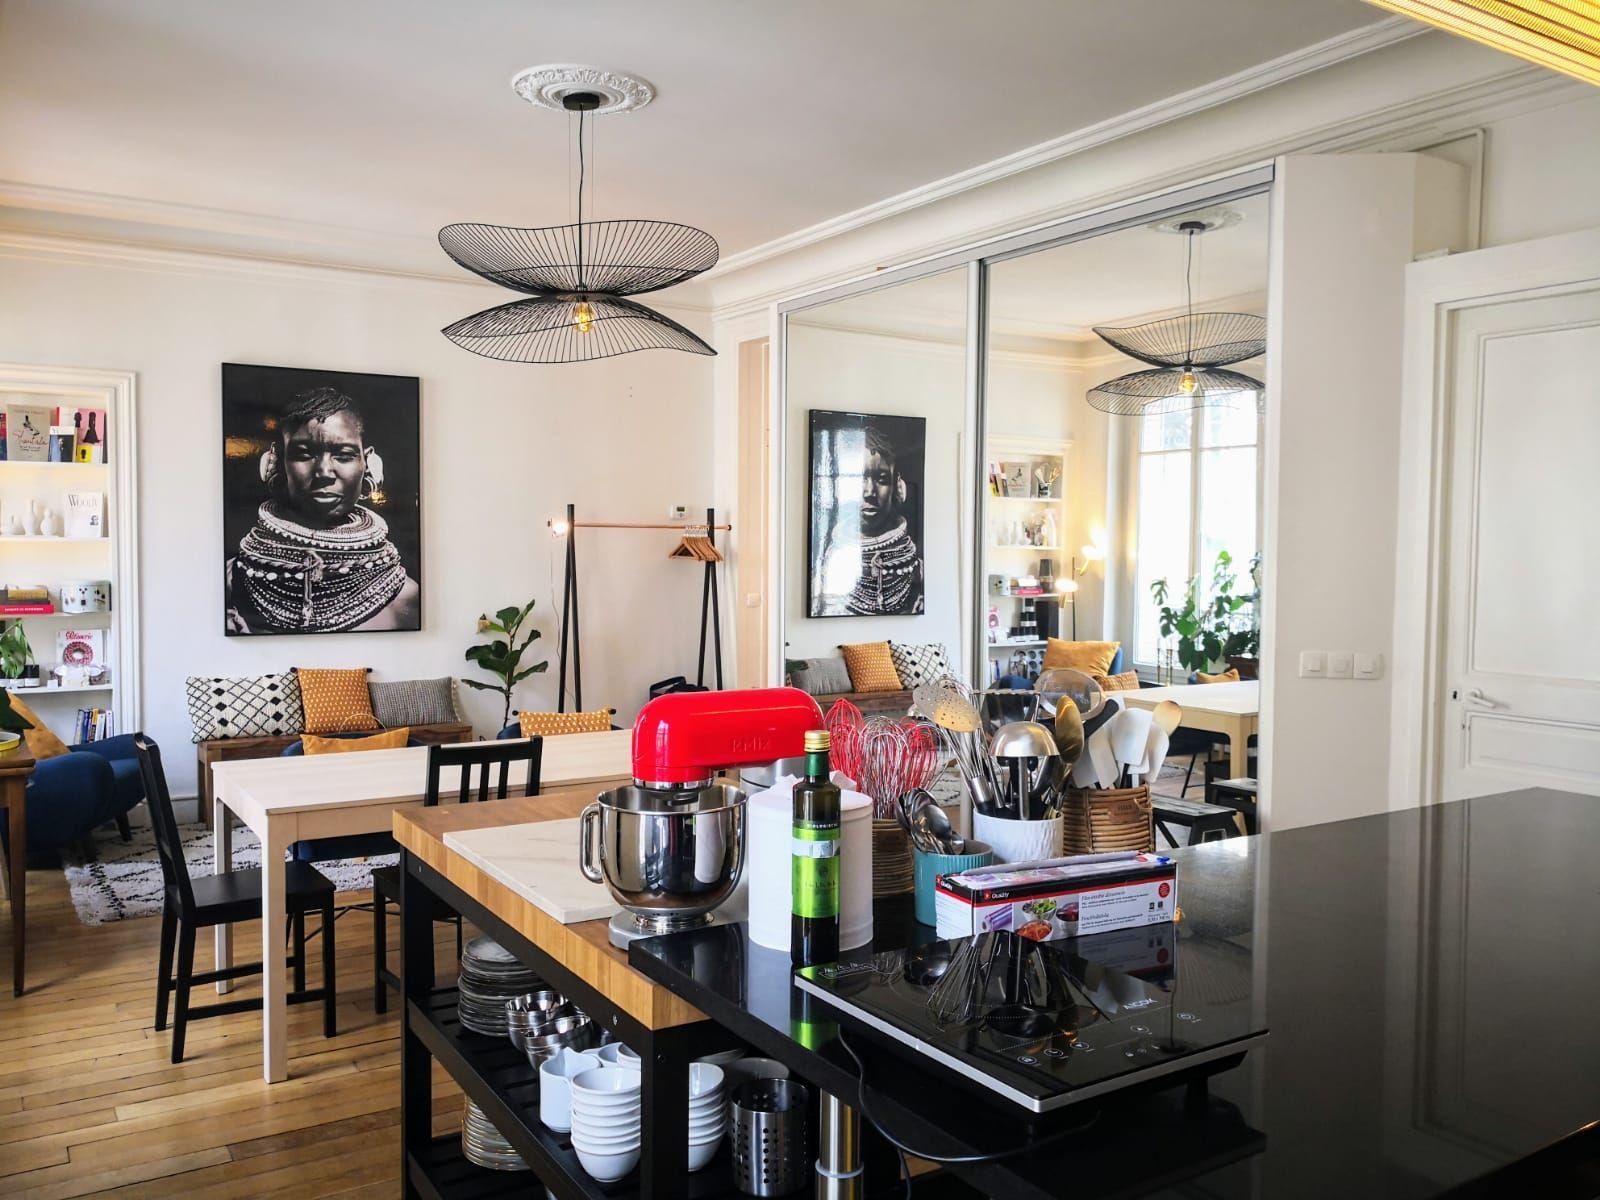 Appartement Parisien 2eme Atelier De Cuisine Et De Patisserie Lieu A Privatiser En 2020 Cuisines Deco Atelier Cuisine Appartement